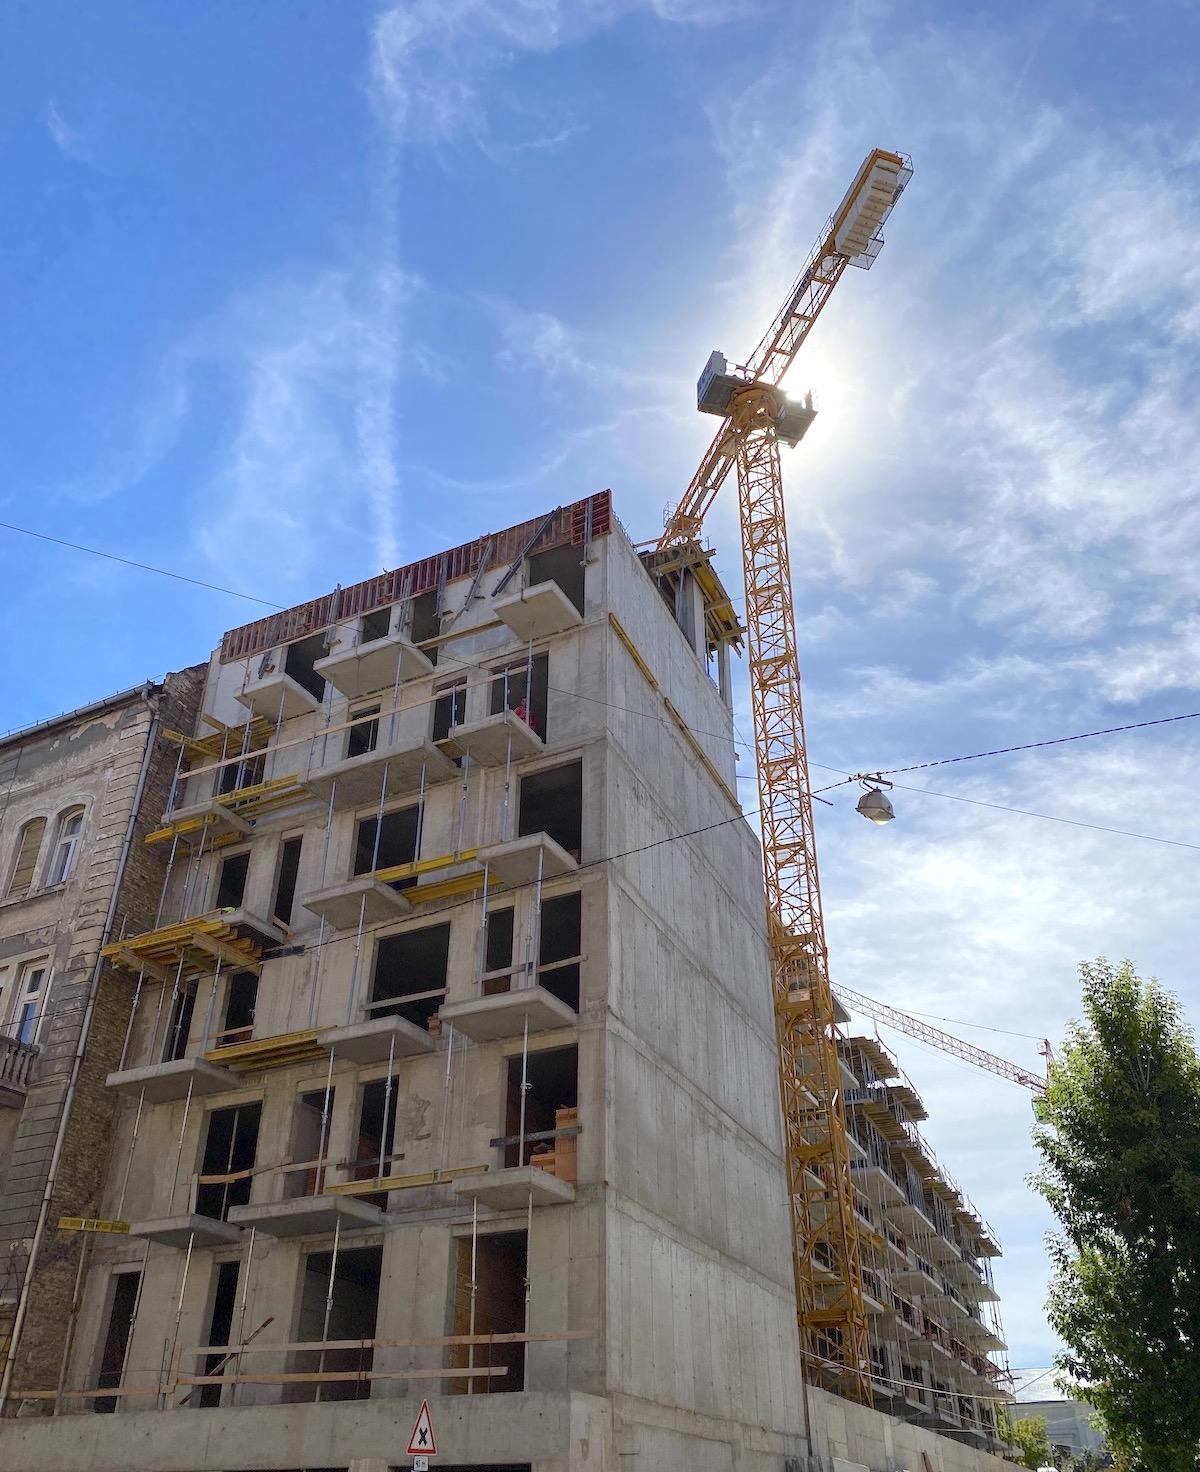 Marone House építkezés 2020 augusztus